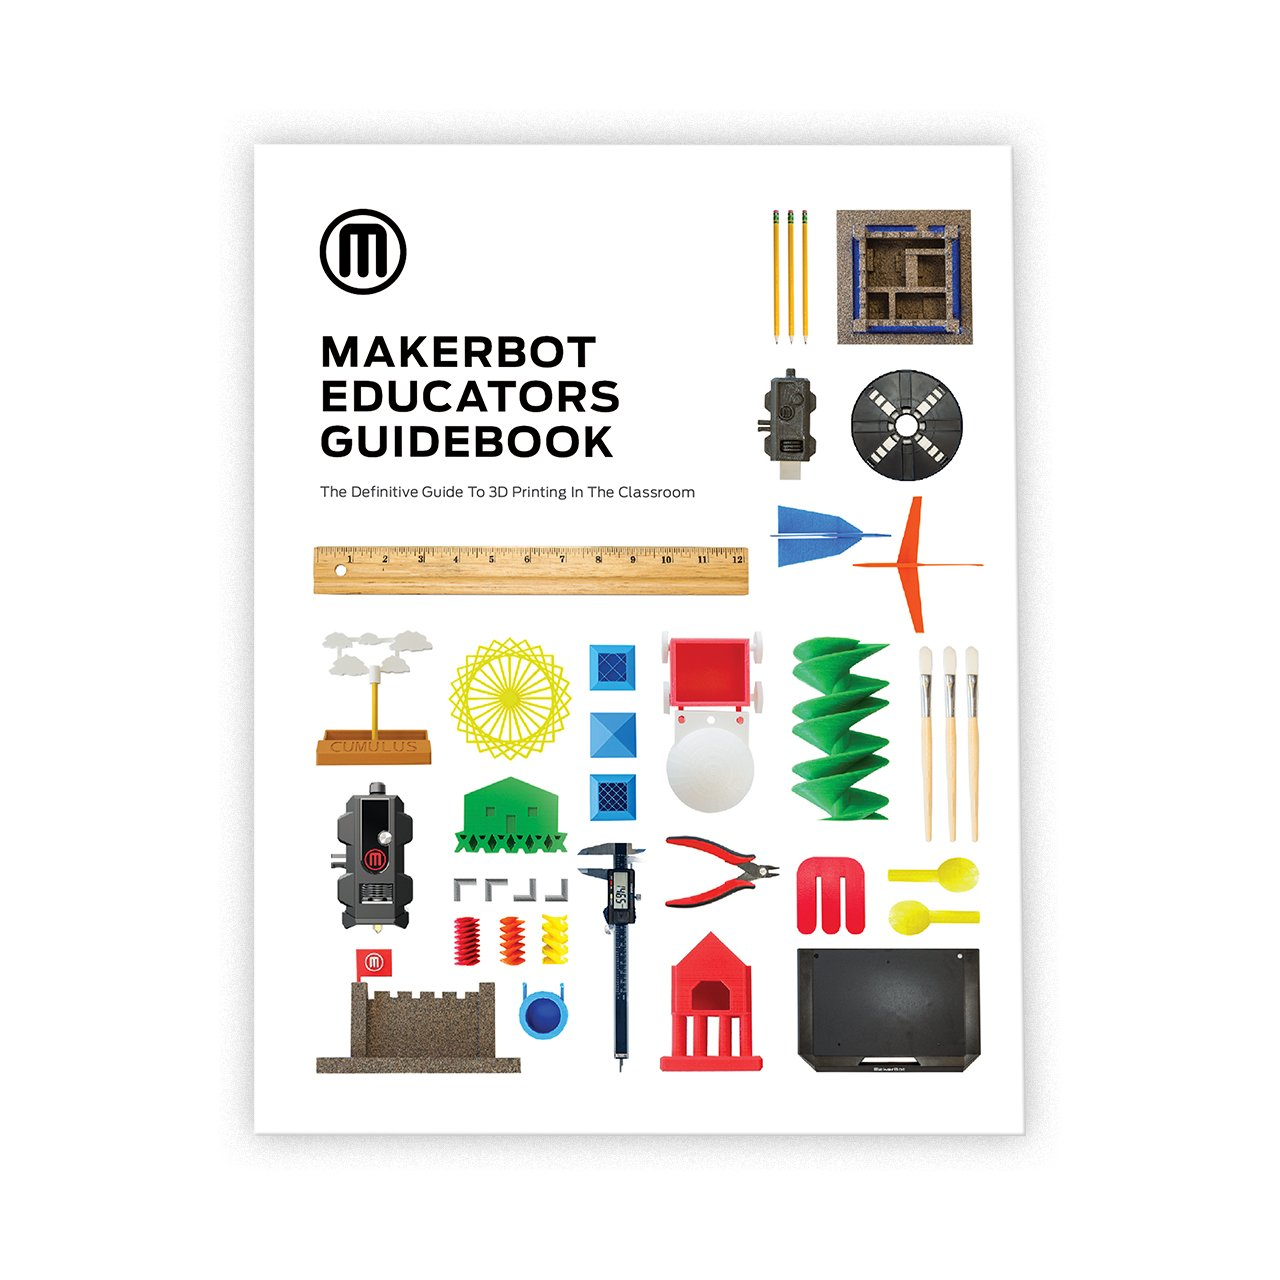 MakerBot Educators - Gancho de guía: Amazon.es: Industria ...